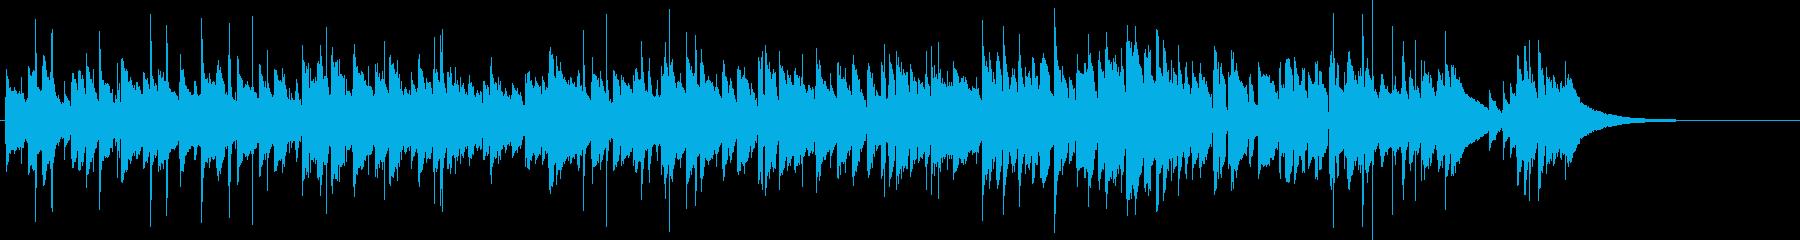 日常的で情緒的なアコースティックギターの再生済みの波形